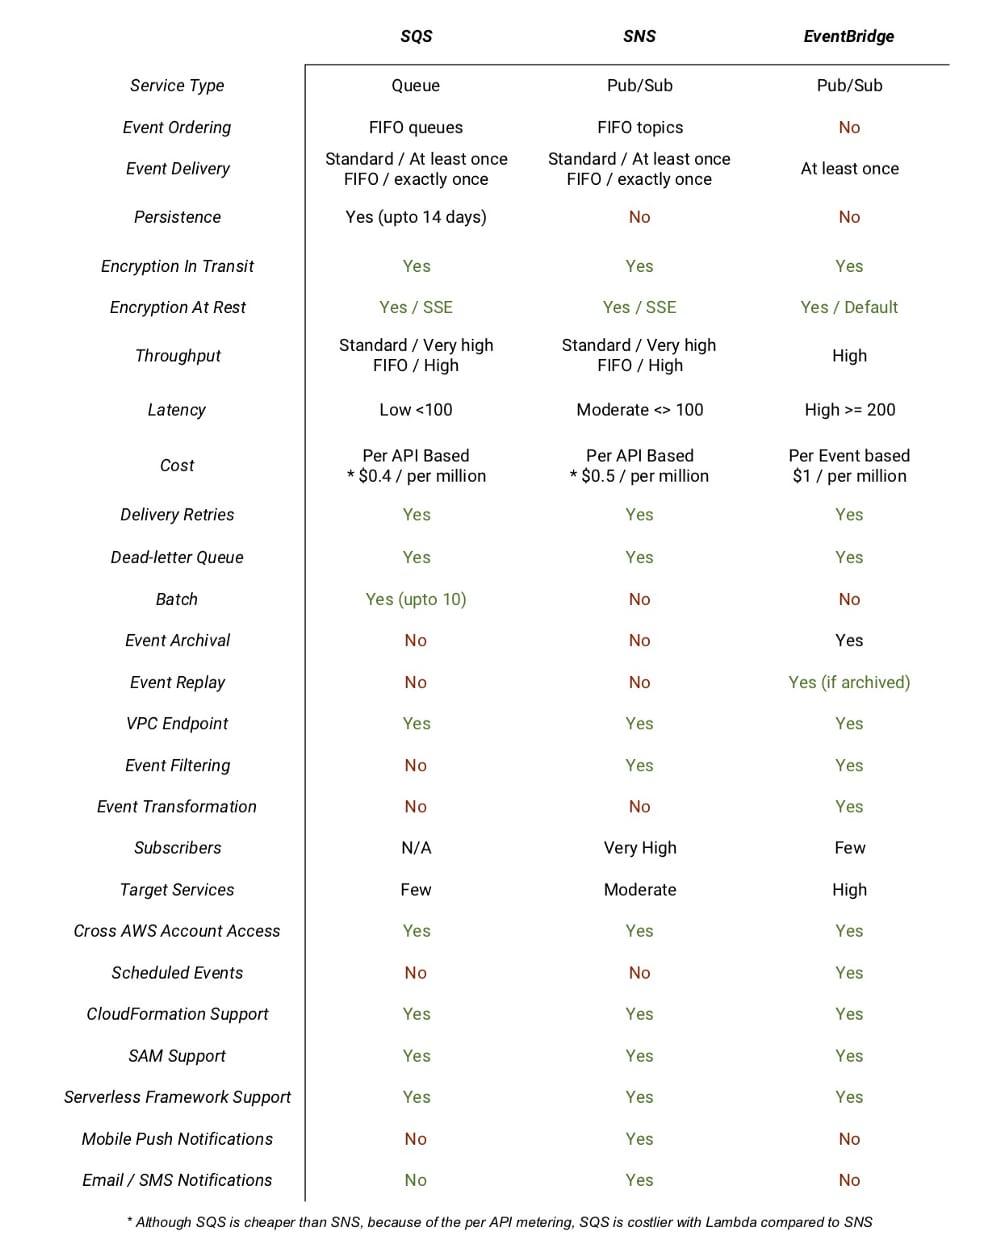 Picture5 - comparing features of eventbridge, sqs, sns